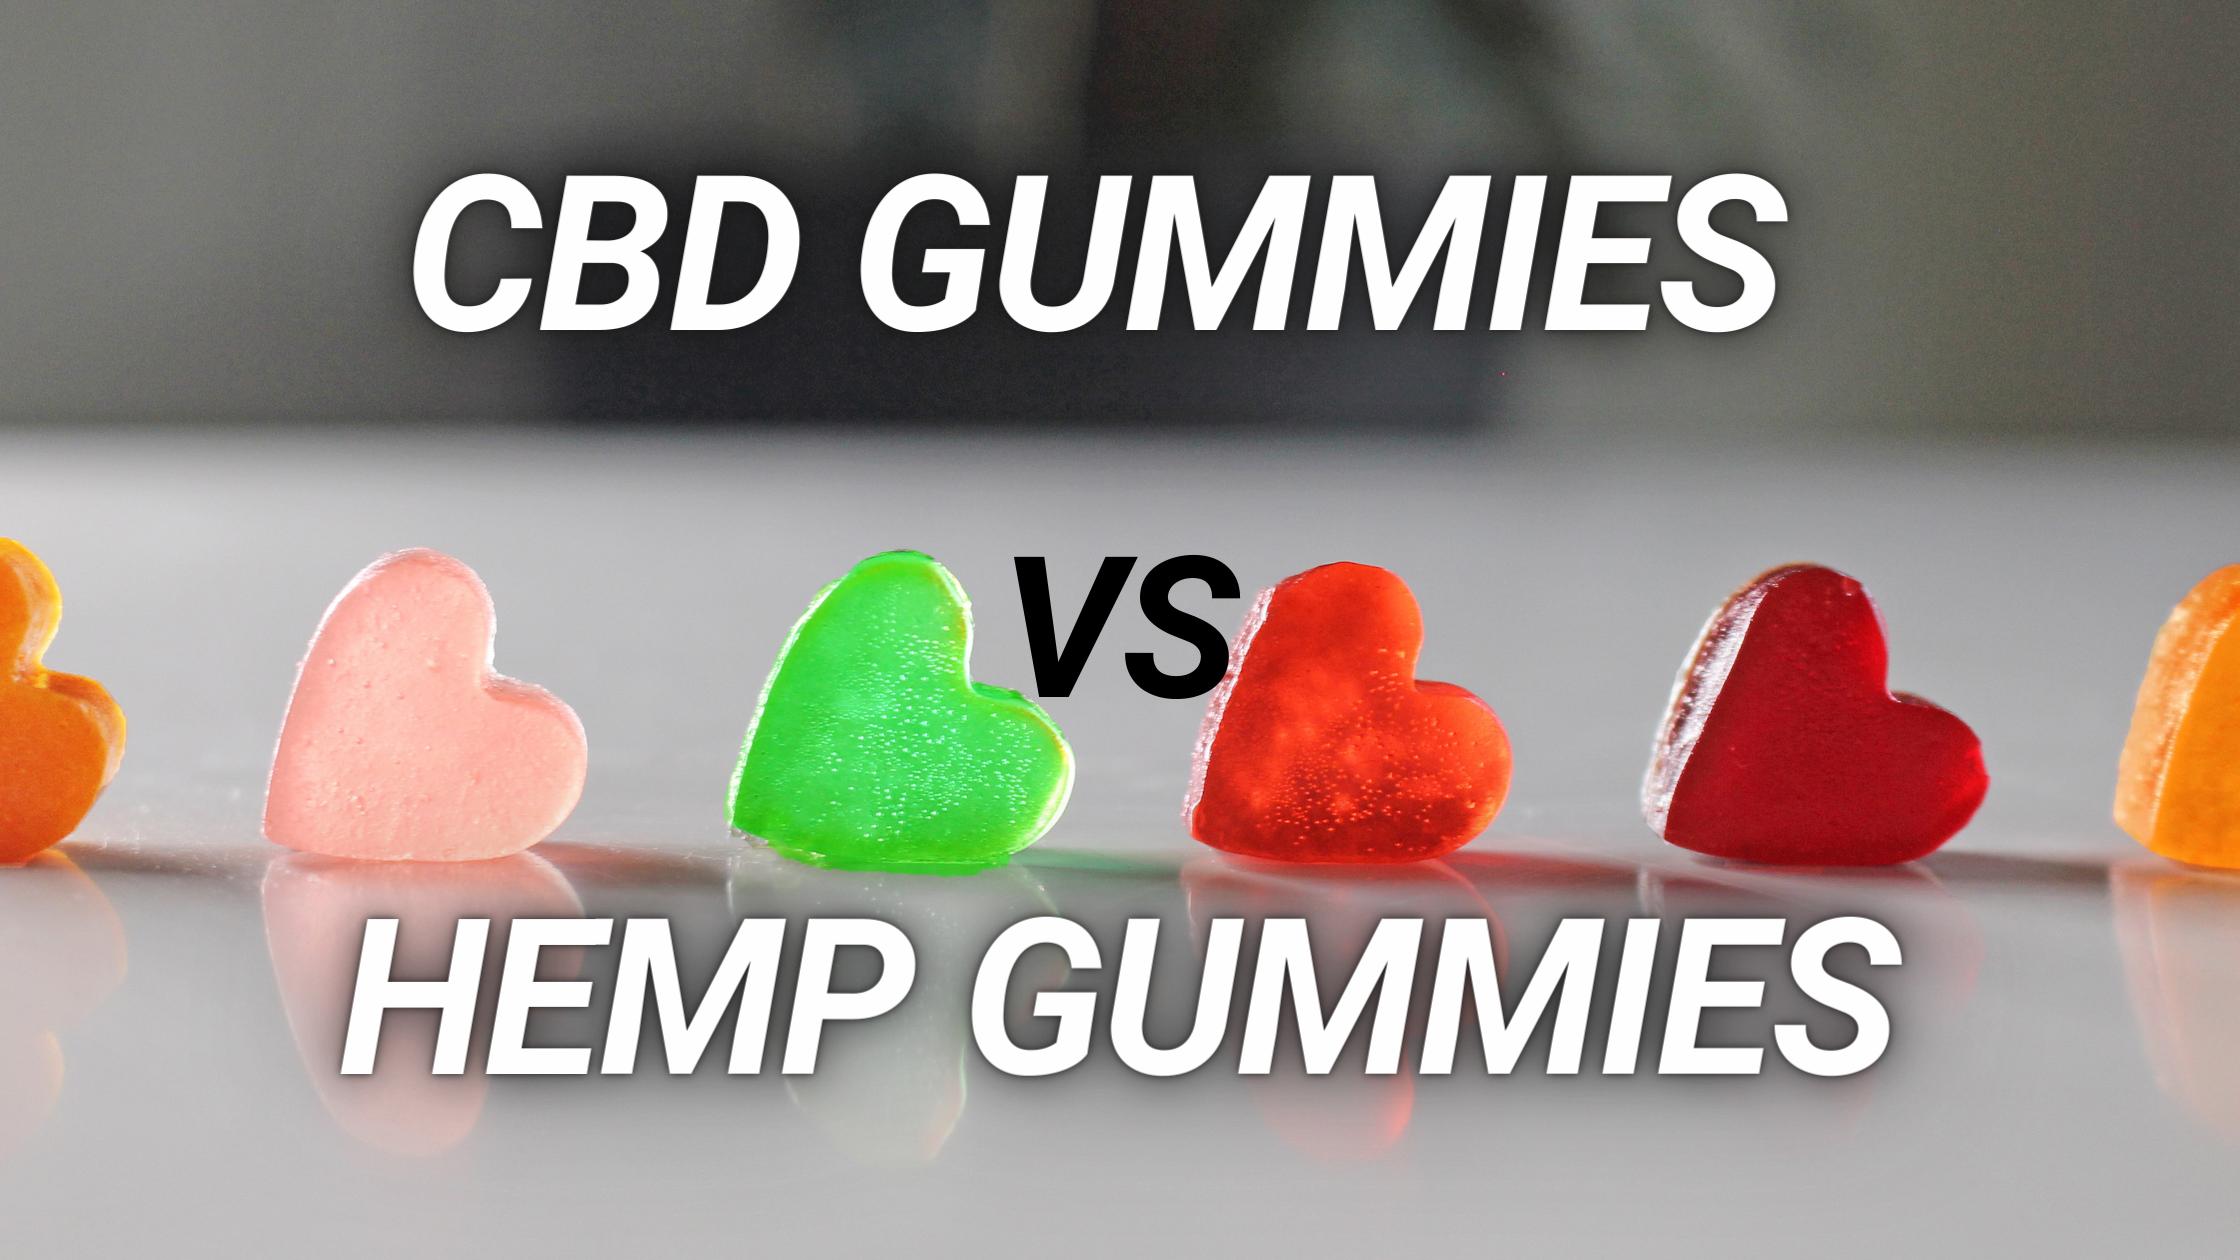 CBD GUMMIES VS HEMP GUMMIES